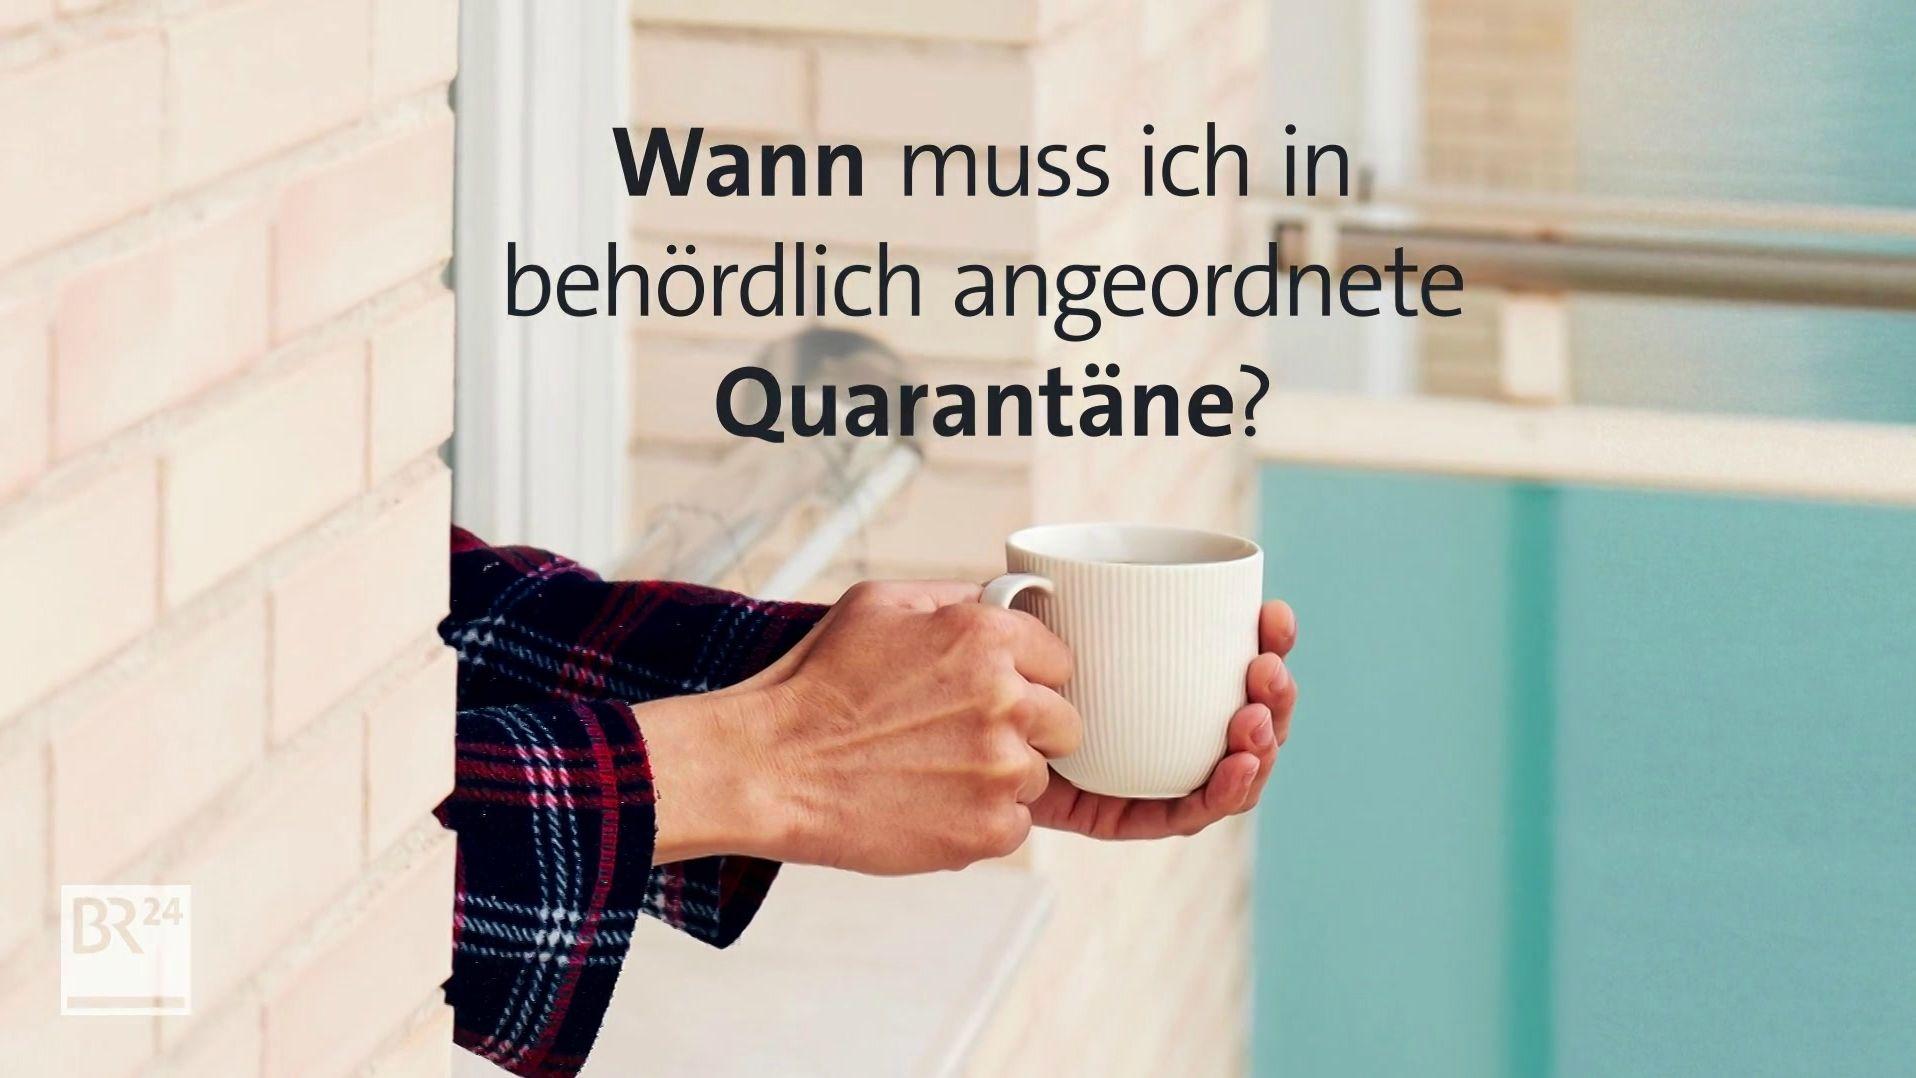 #fragBR24💡 Wann muss man in behördlich angeordnete Quarantäne?